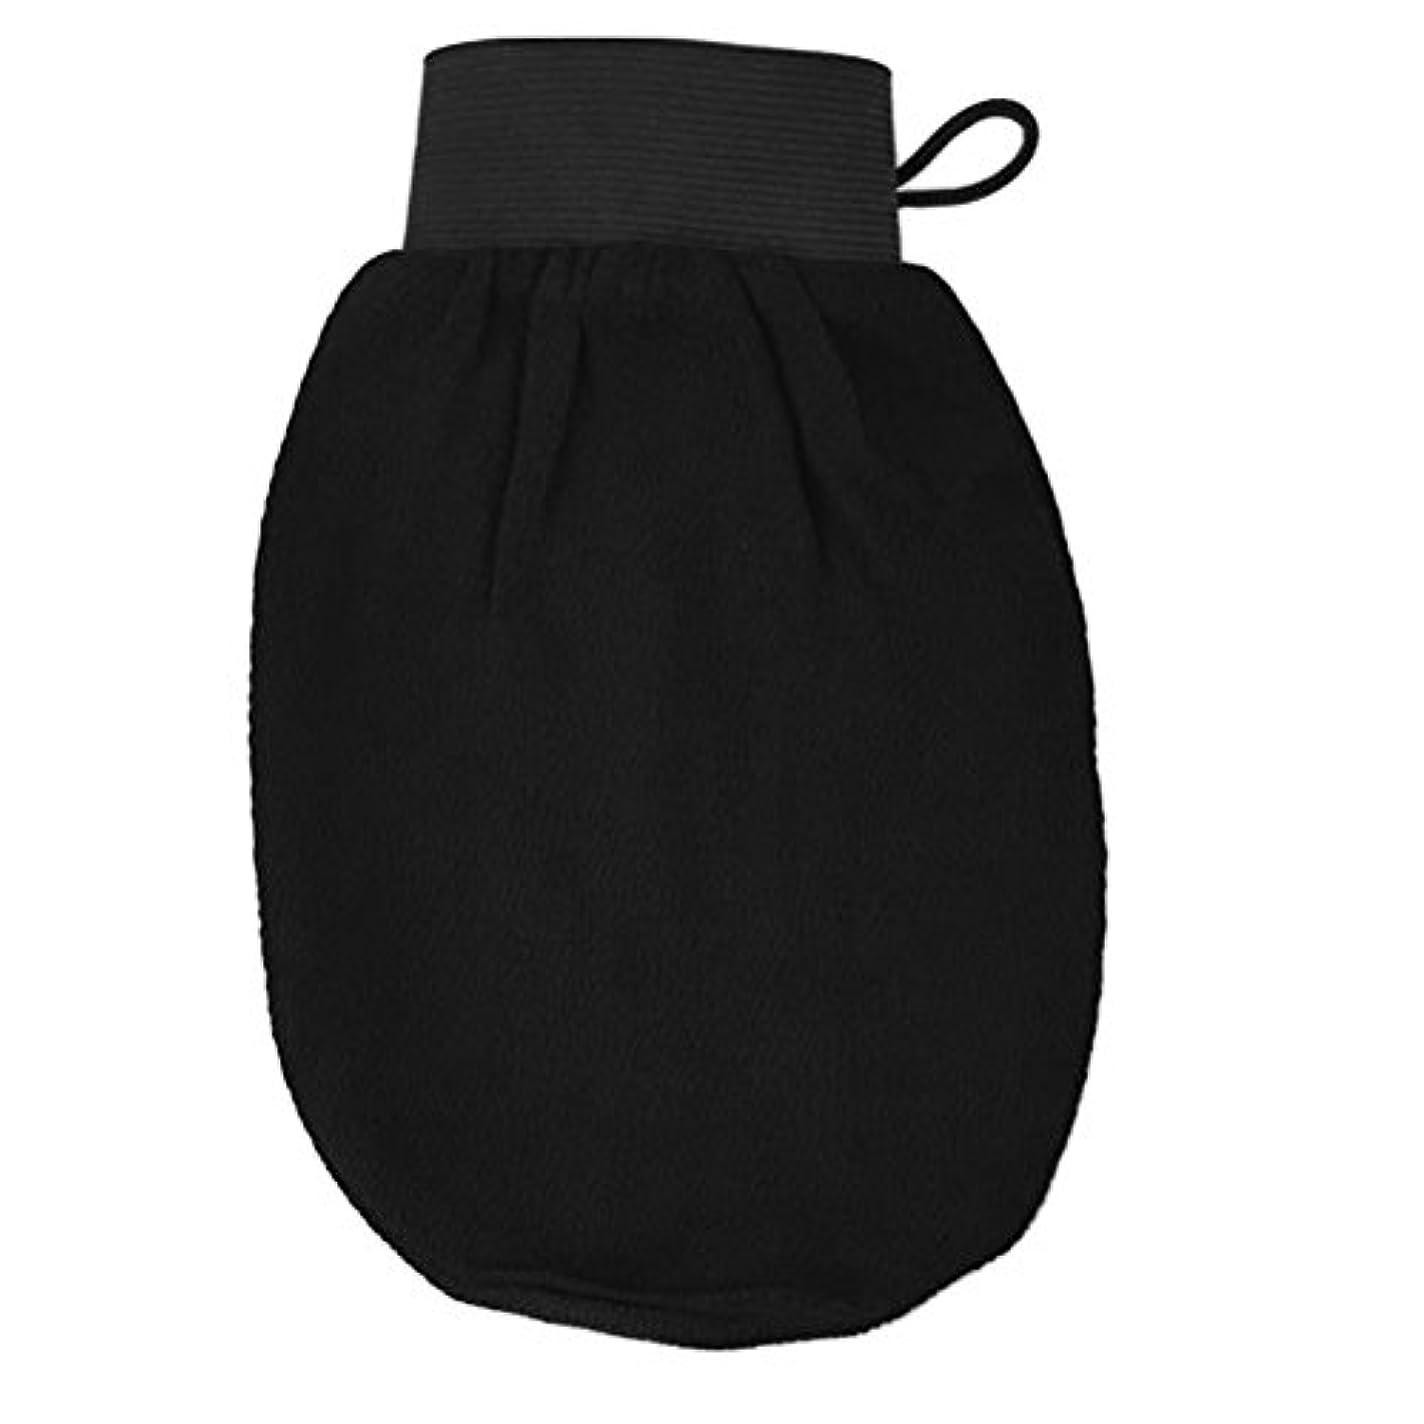 不愉快端末ペックROSENICE バスグローブ 浴用グローブ 角質取り 泡立ち 垢擦り 手袋 マッサージ ボディウォッシュ シャワー バスルーム 男女兼用 バス用品(ブラック)